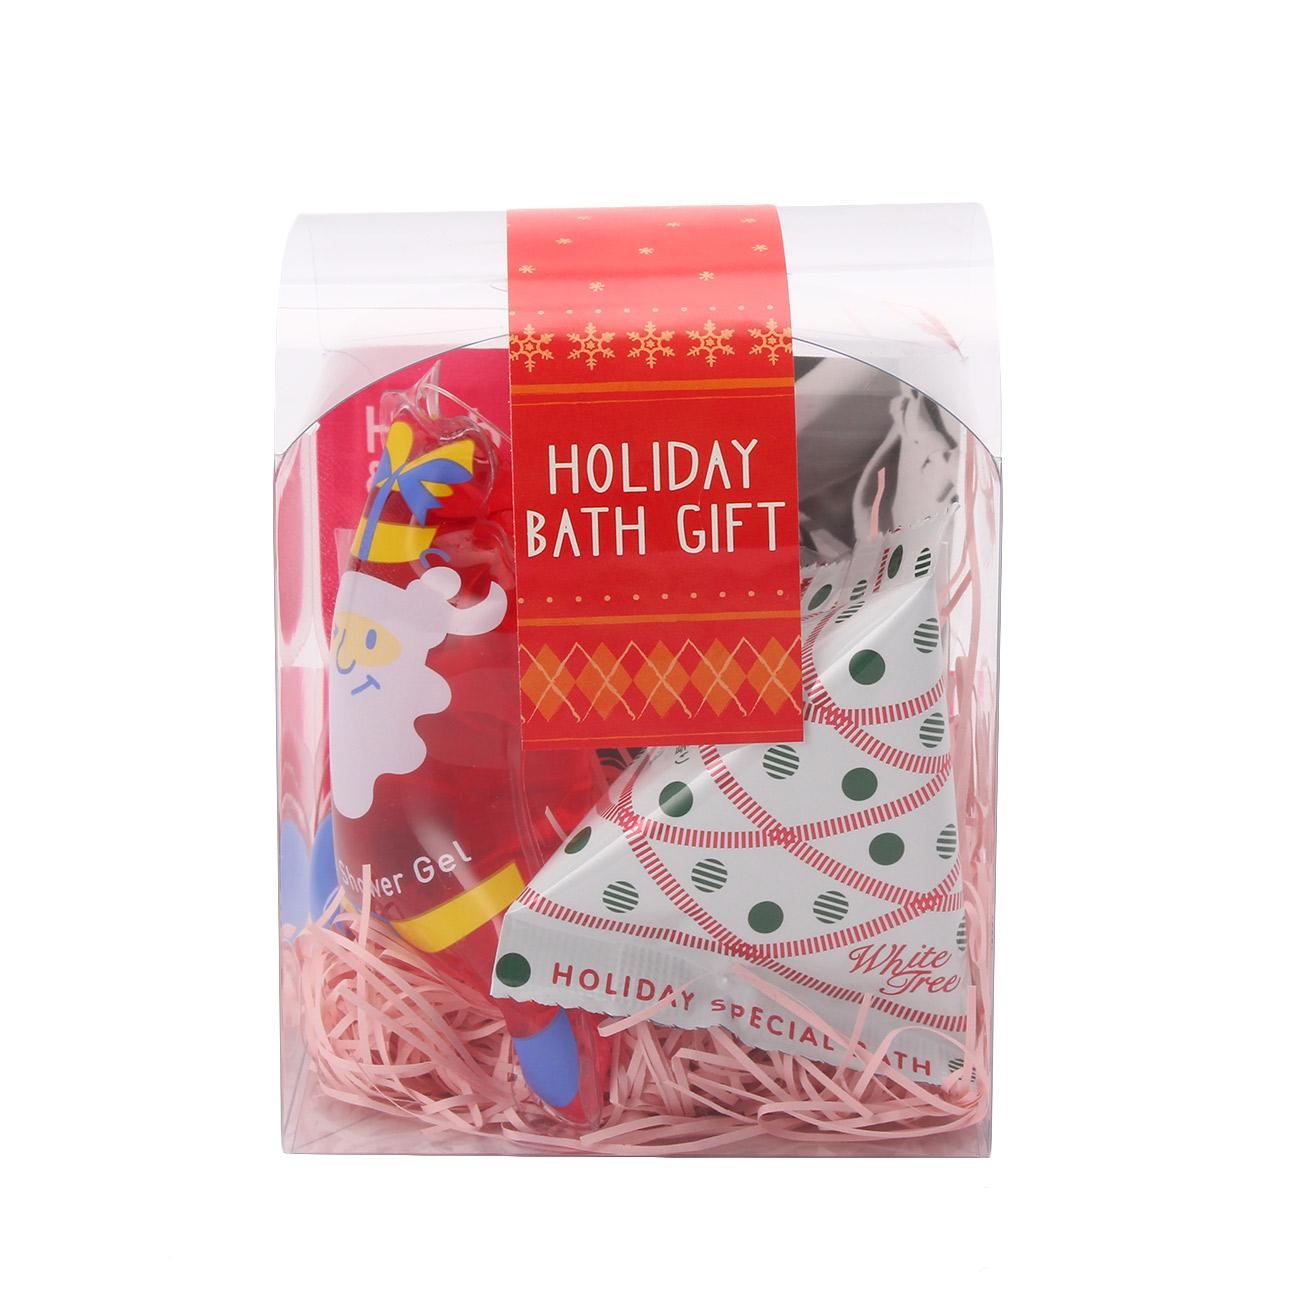 【grove (グローブ)】クリスマスバブルバスギフトレディース ビューティー・コスメ|ボディケア ピンク